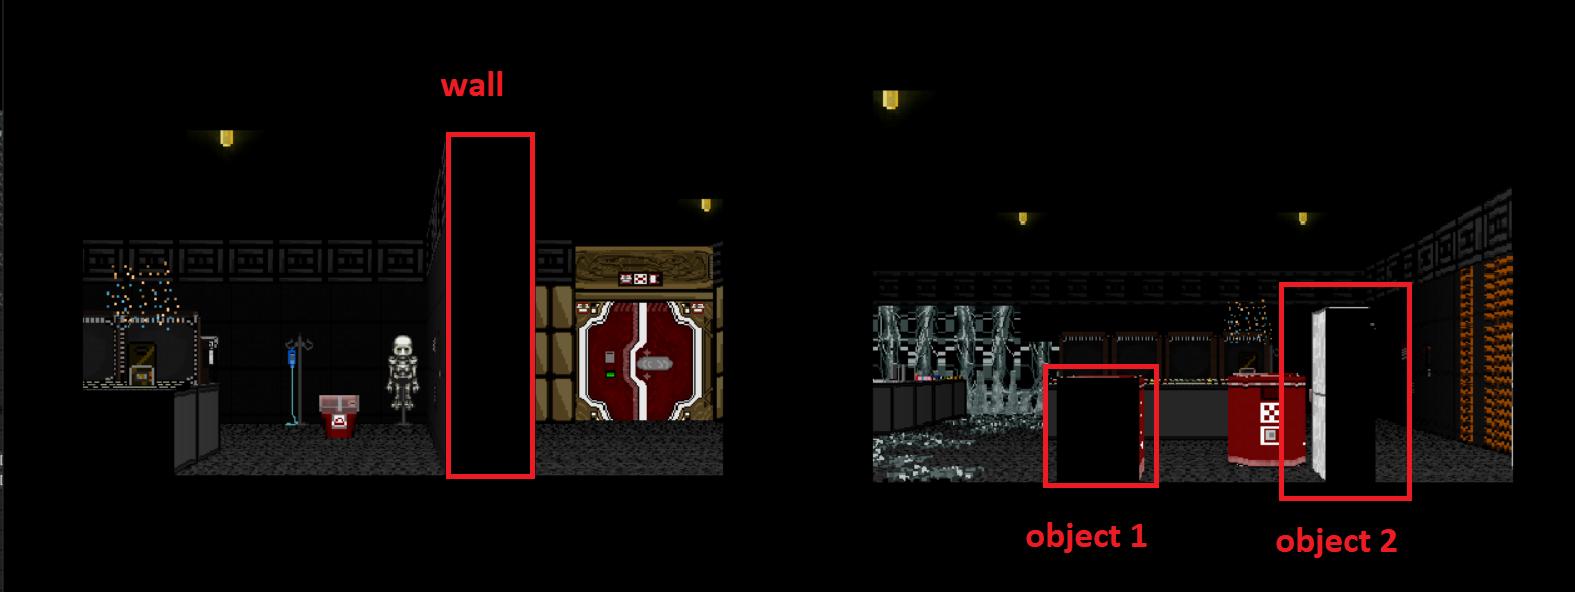 Nowy obraz mapy bitowej.png